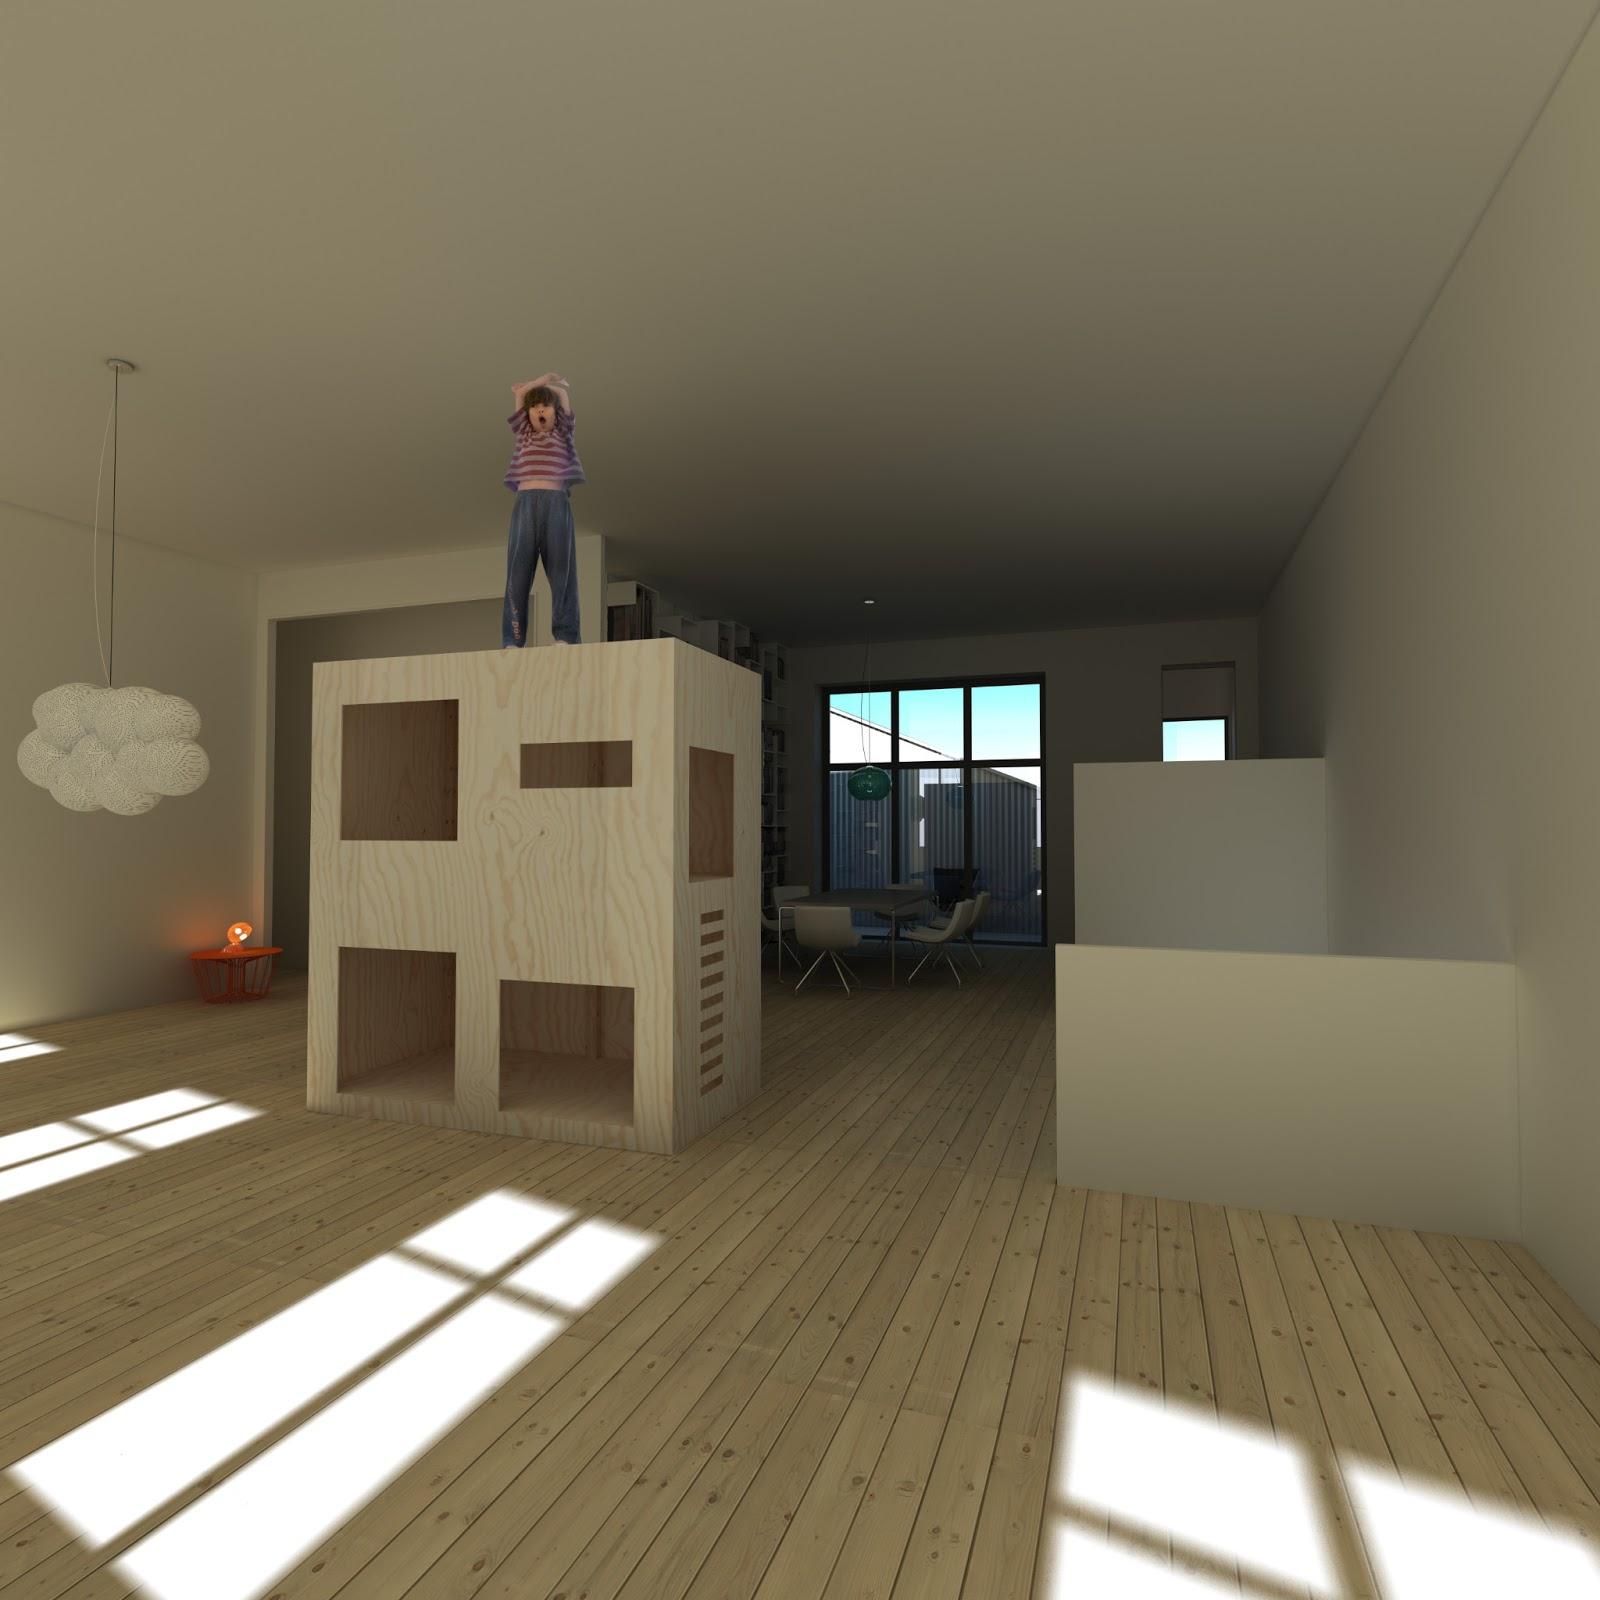 emmanuelle lesgourgues architecte dplg spider box. Black Bedroom Furniture Sets. Home Design Ideas